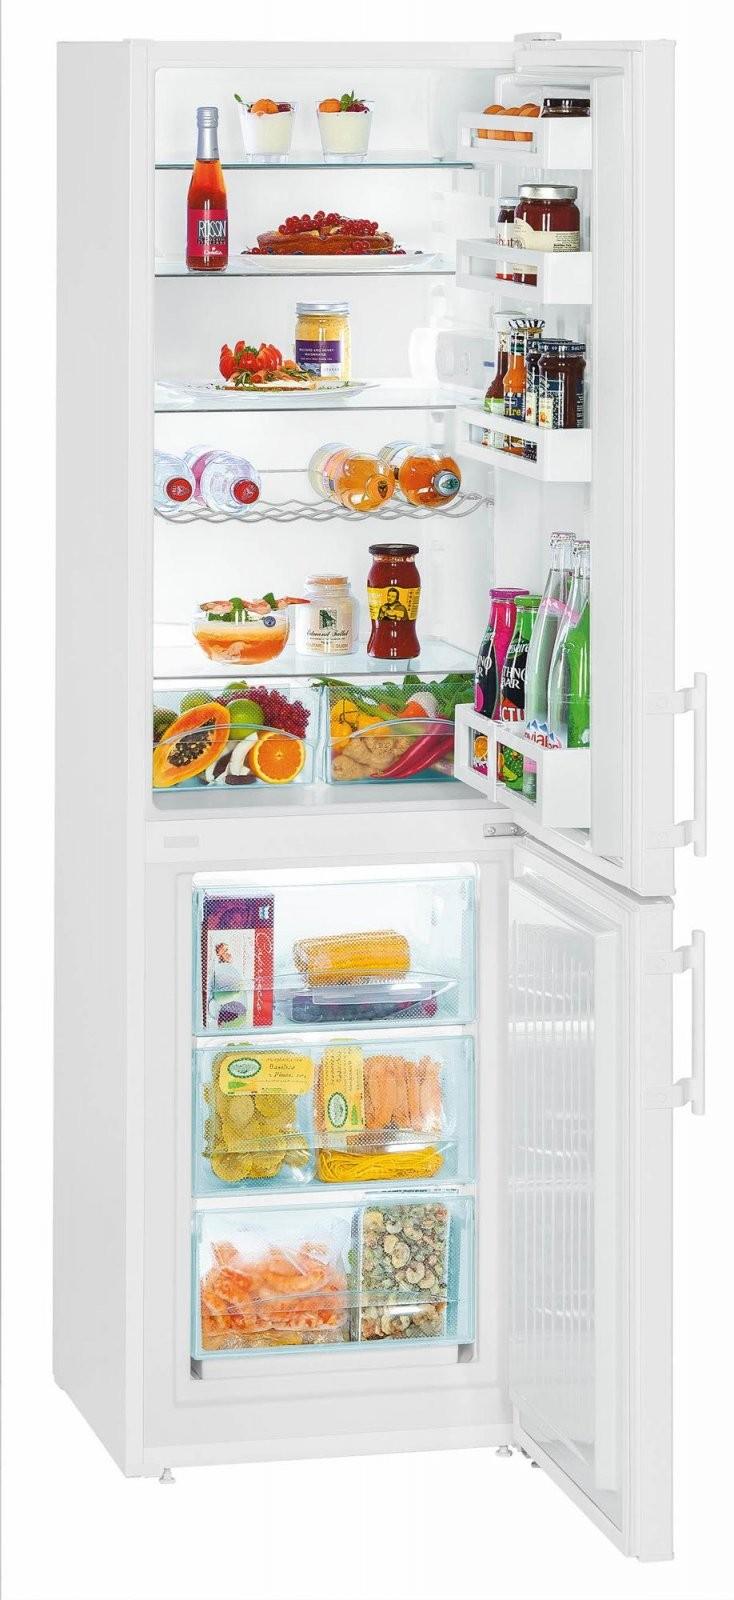 Liebherr Cu 3311 A++ Kühlgefrierkombination 55 Cm Breit von Kühlschrank 55 Cm Breit Bild